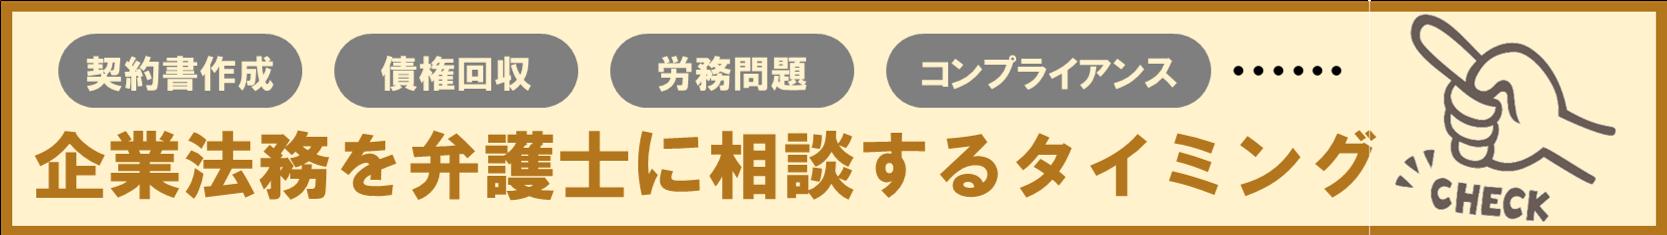 timing_souzoku.png